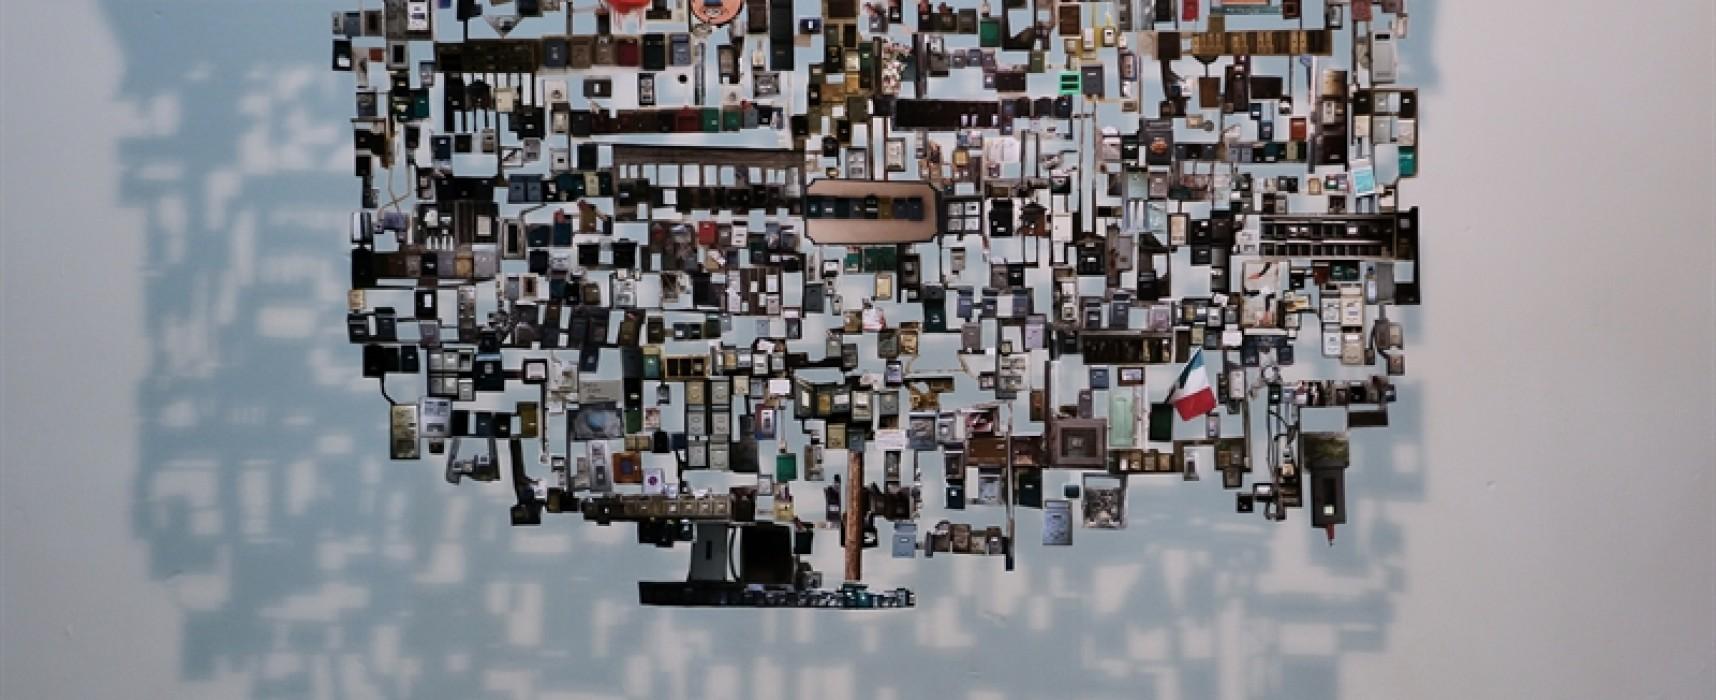 Napoli by smart phone il progetto di liceali fotografi per il MADRE